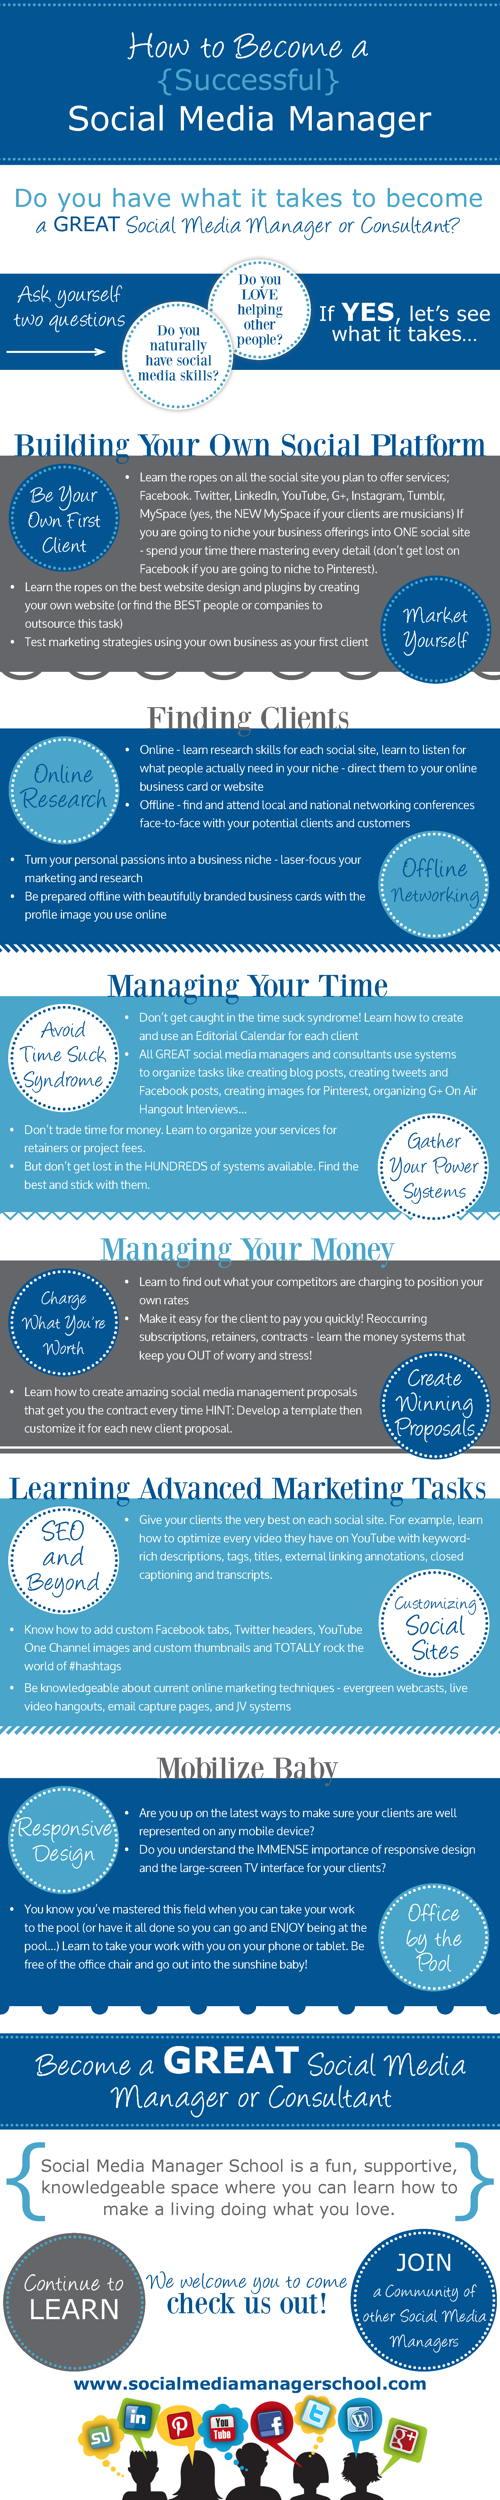 pasos para convertirte en un social media manager exitoso infografia